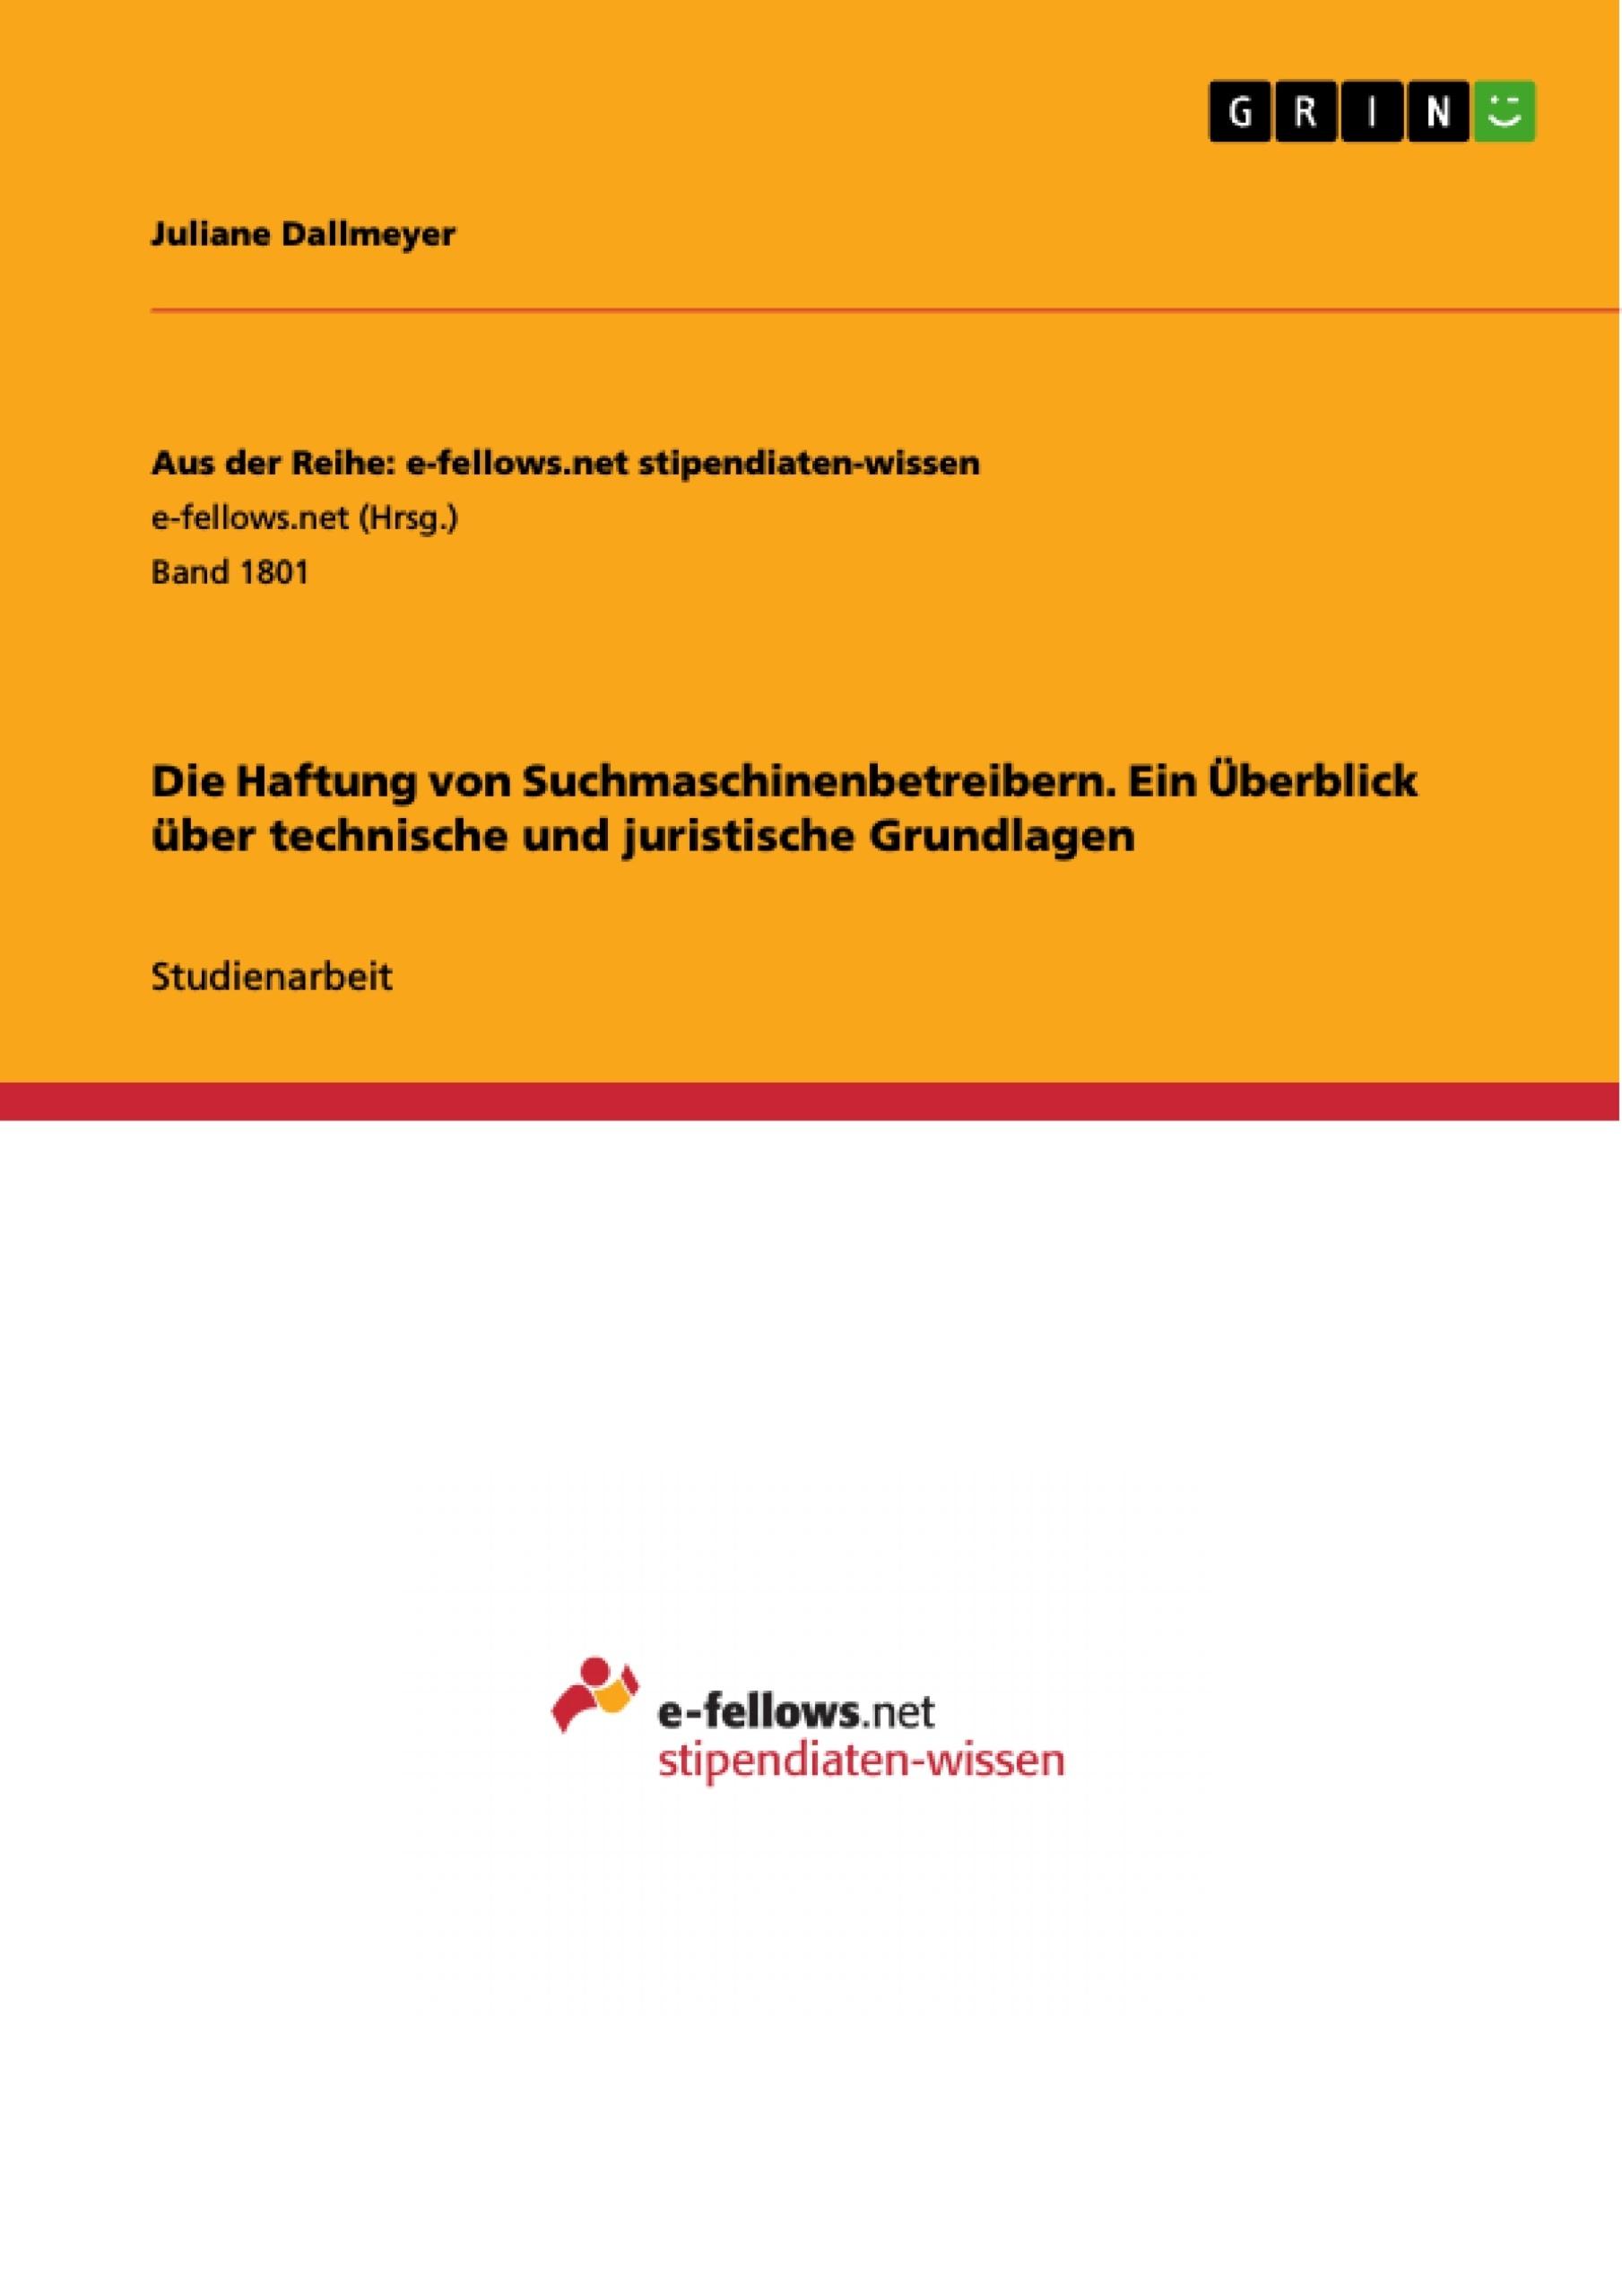 Titel: Die Haftung von Suchmaschinenbetreibern. Ein Überblick über technische und juristische Grundlagen